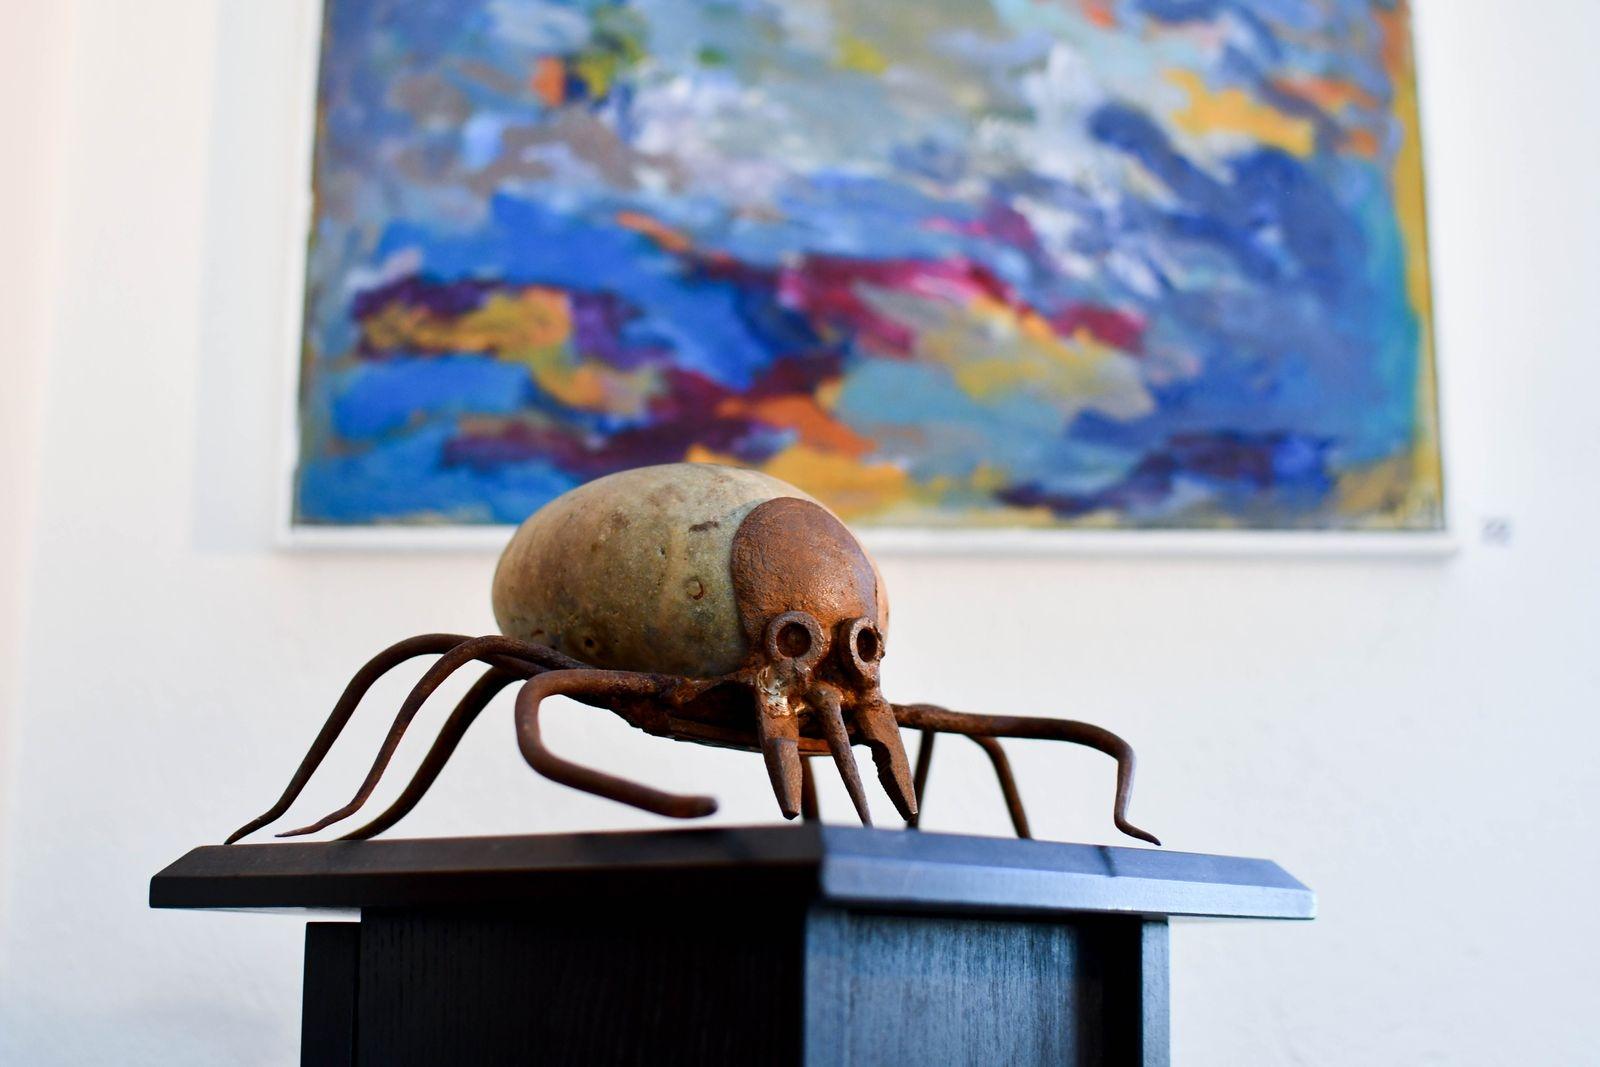 Gamla verktyg och redskap får nytt liv i Horst Eckhardt smidesskulpturer.